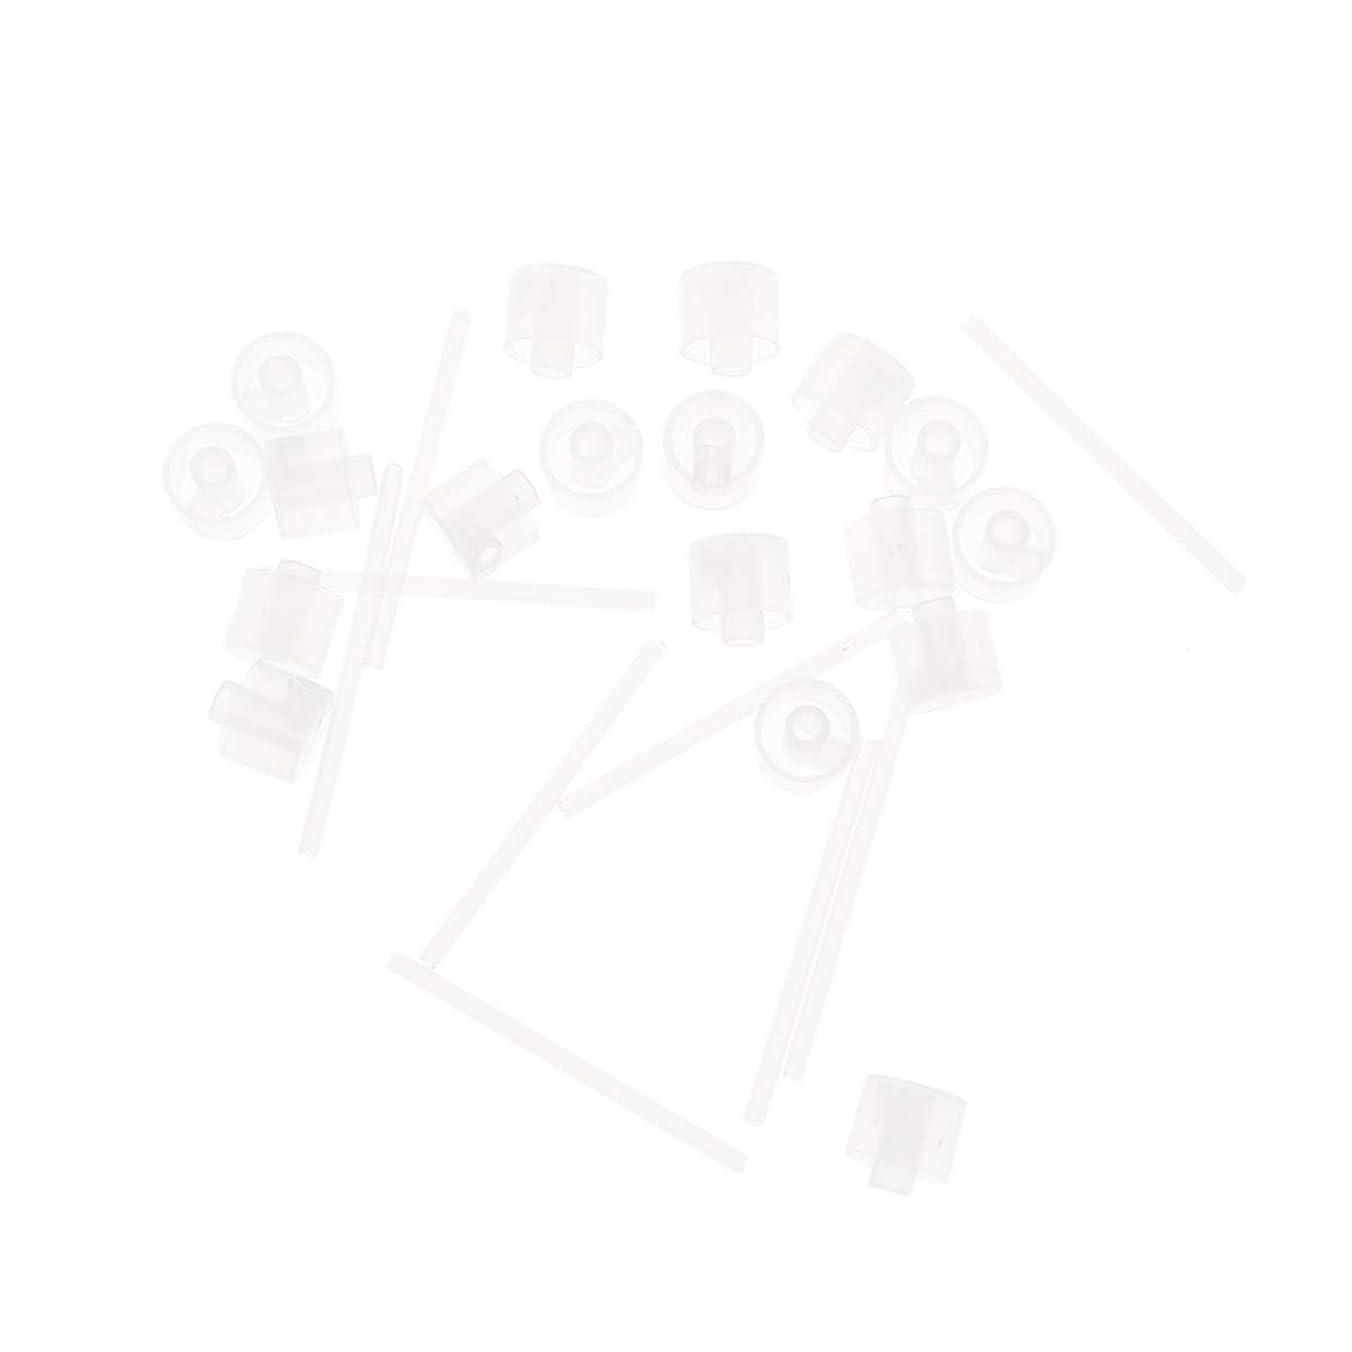 回復クローンジャーナリストLurrose 20ピースプラスチック香水ポンプディスペンサー香水ディスペンサーツール